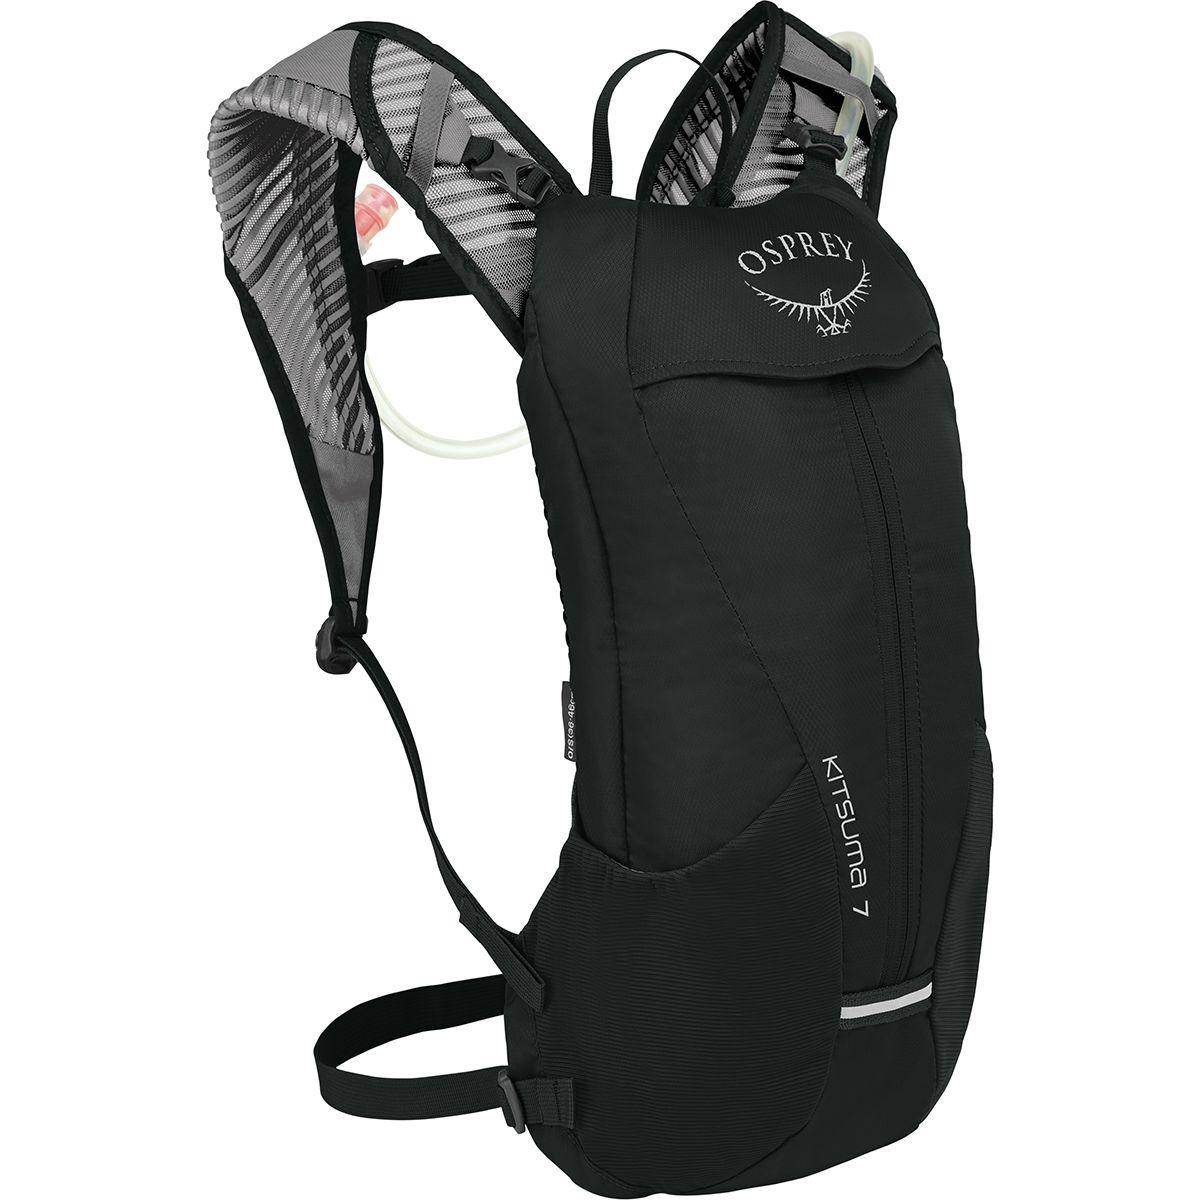 Osprey Packs Kitsuma 7L Backpack - Women's